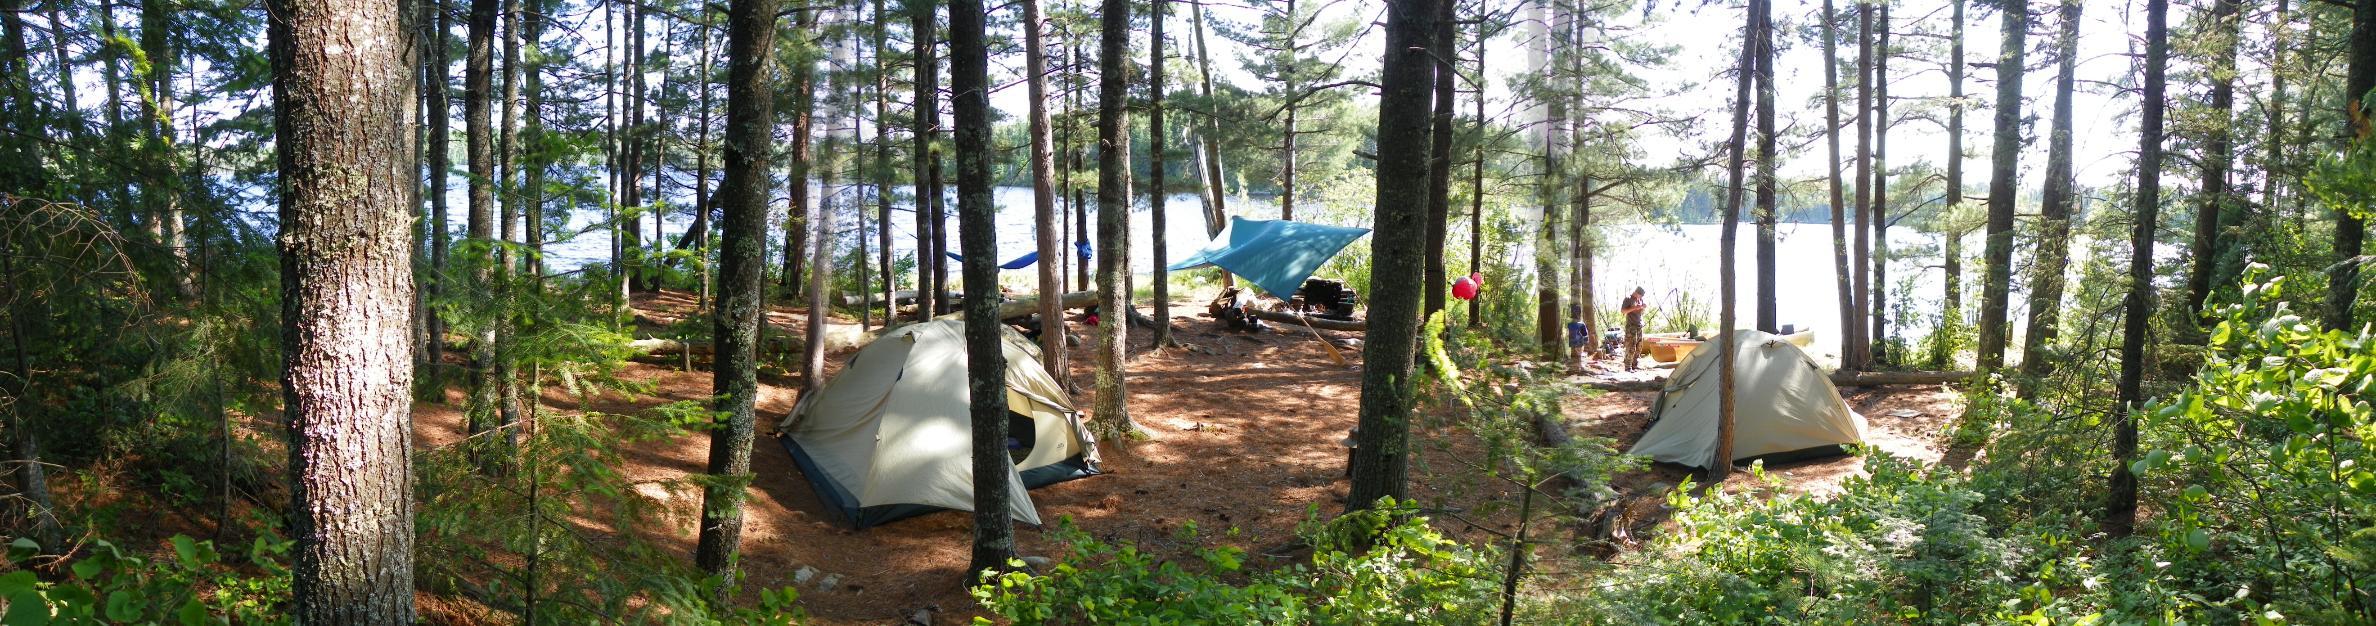 William campsite